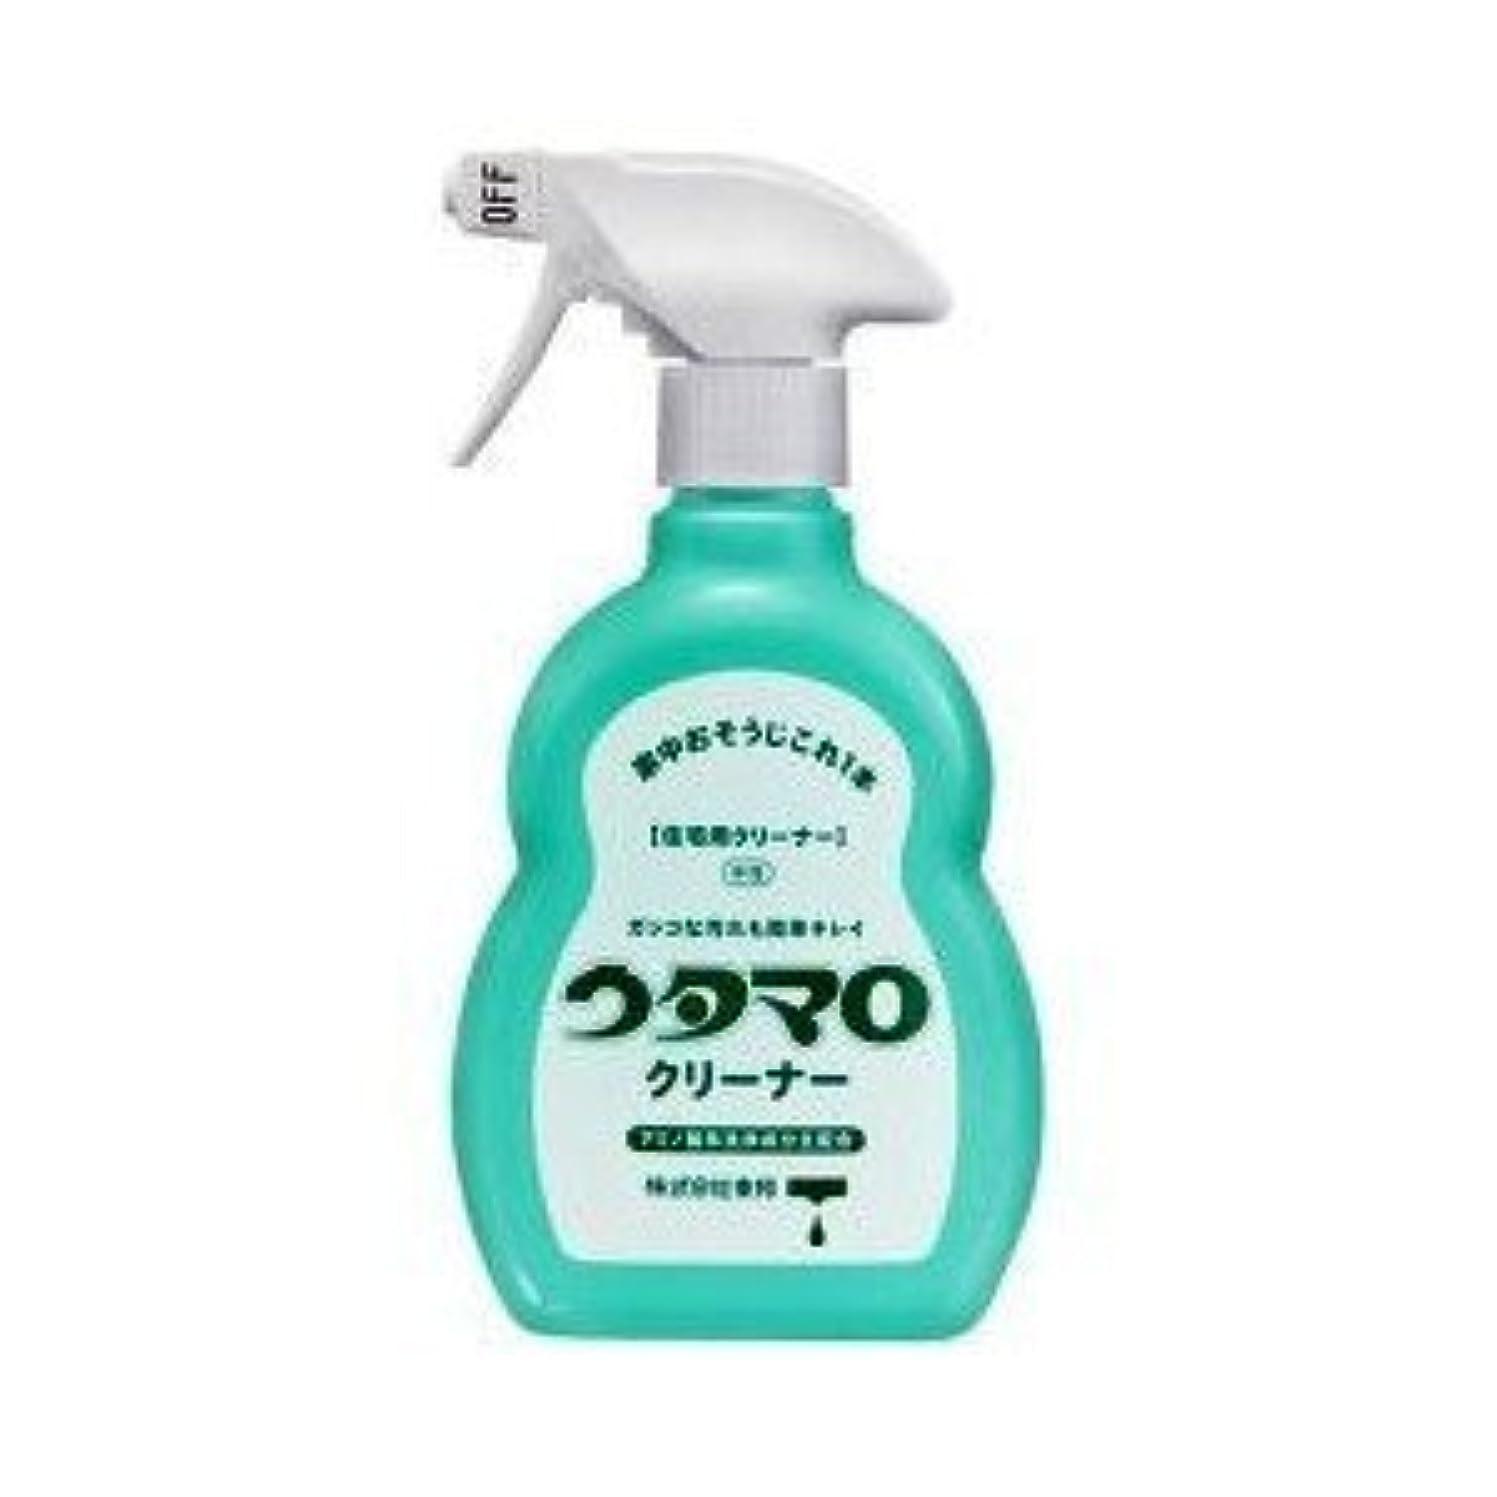 単なるスパークタイルウタマロ クリーナー 400ml 洗剤 住居用 アミノ酸系洗浄成分主配合 さわやかなグリーンハーブの香り